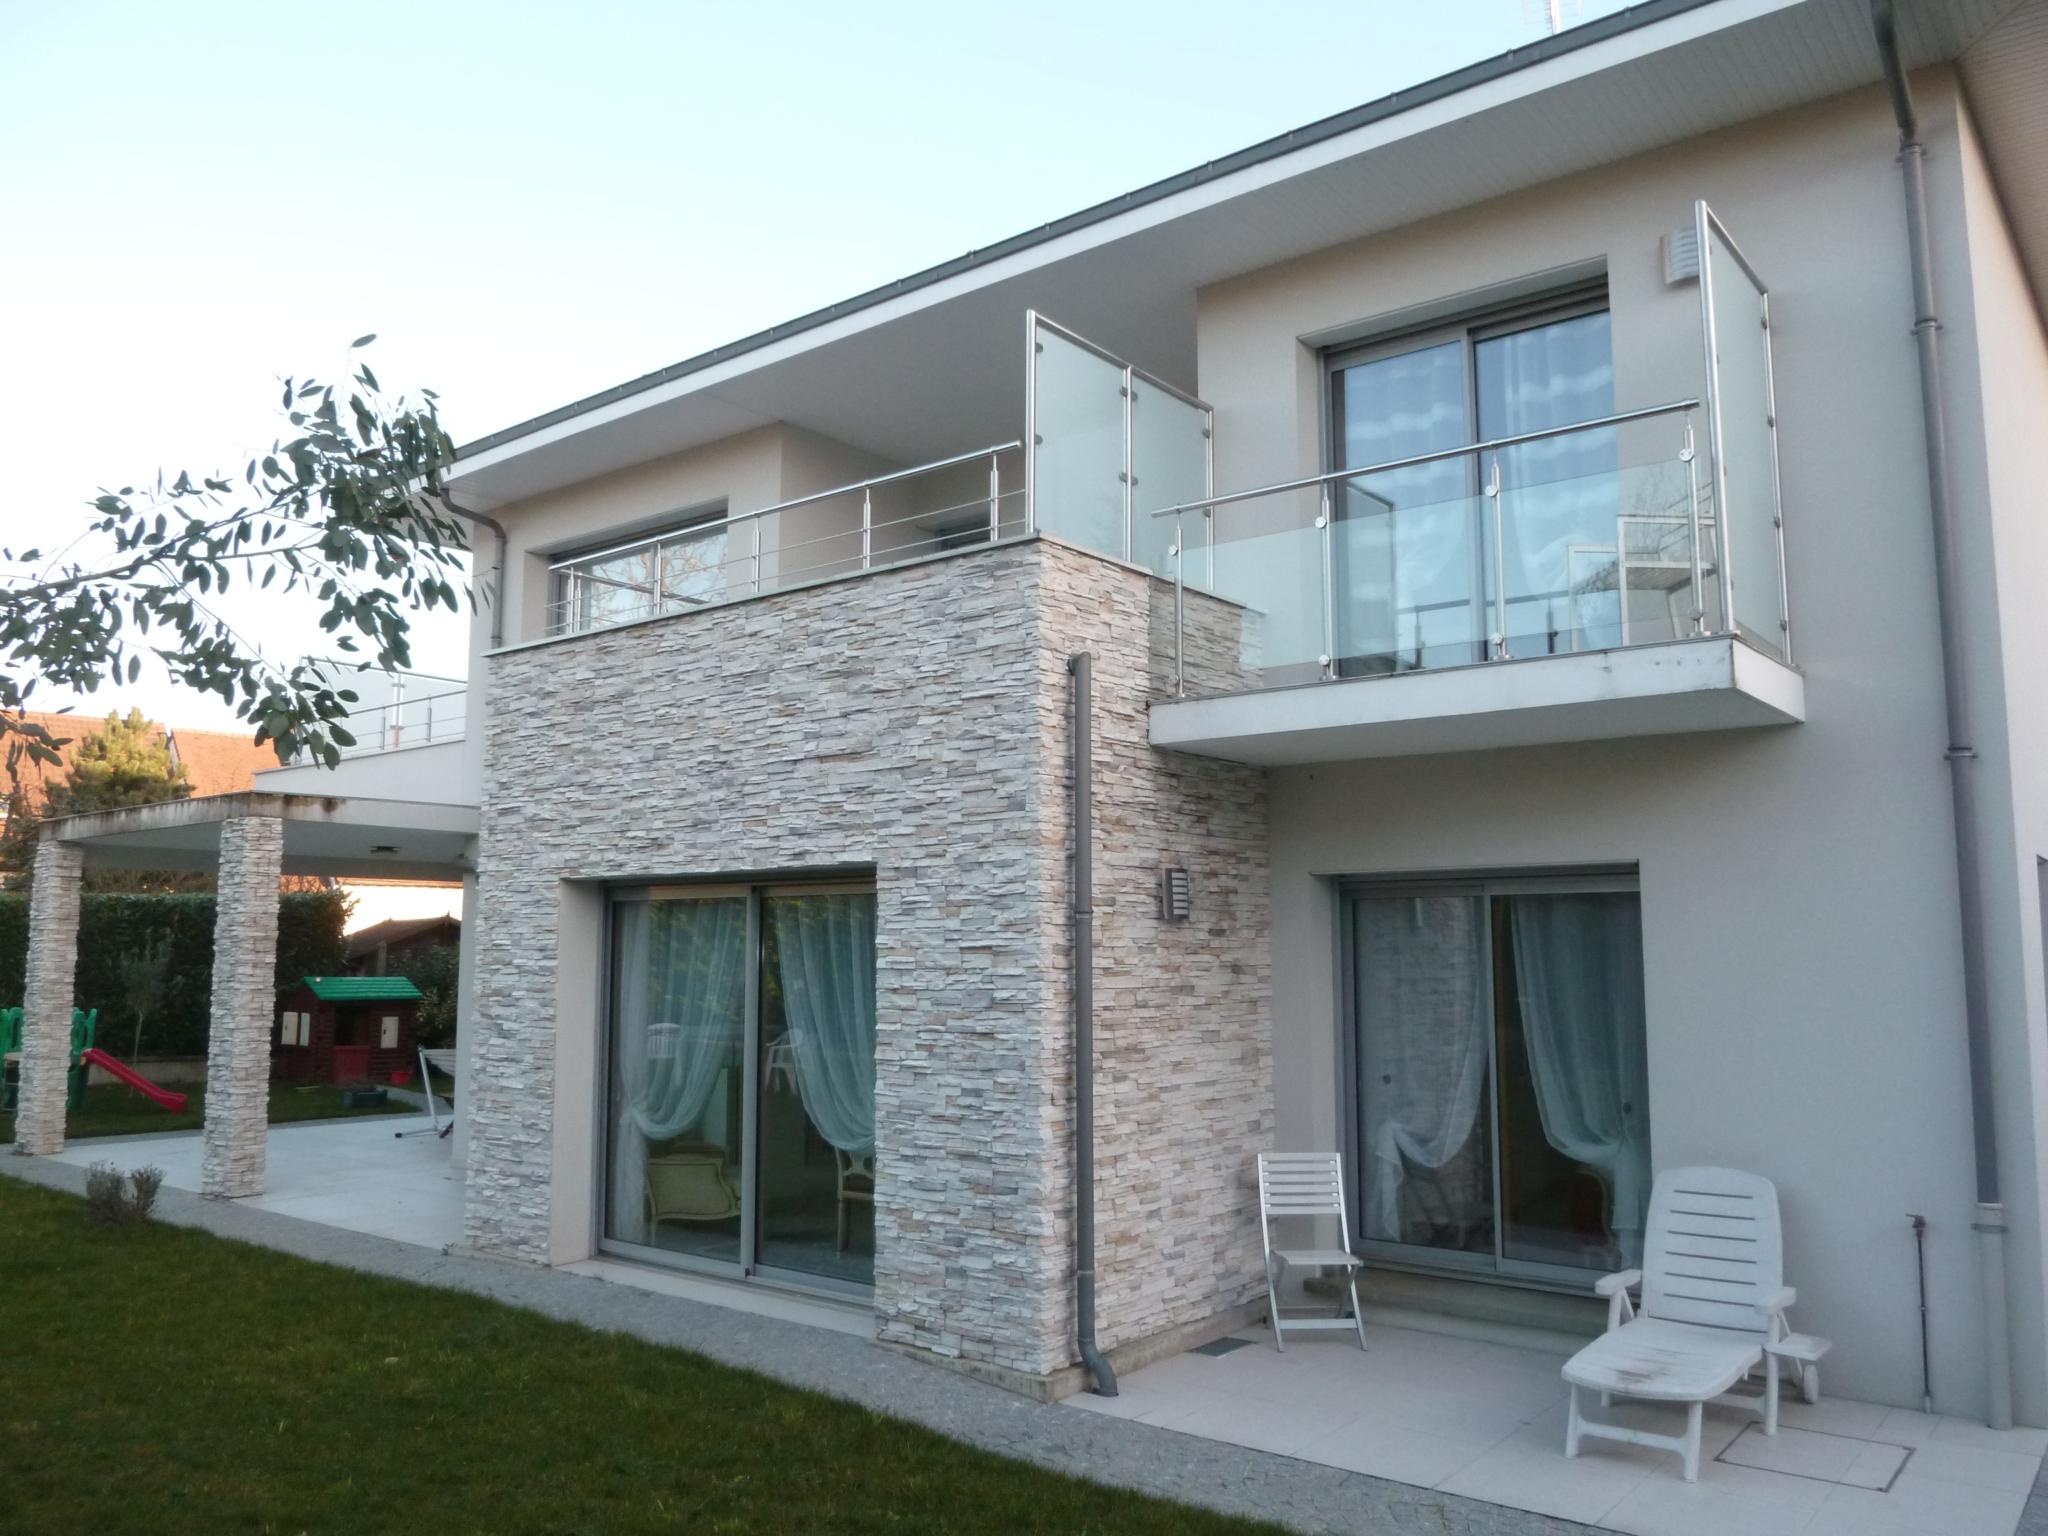 Photo de la maison contemporaine vue du jardin avec ses grands volumes et baies vitrées